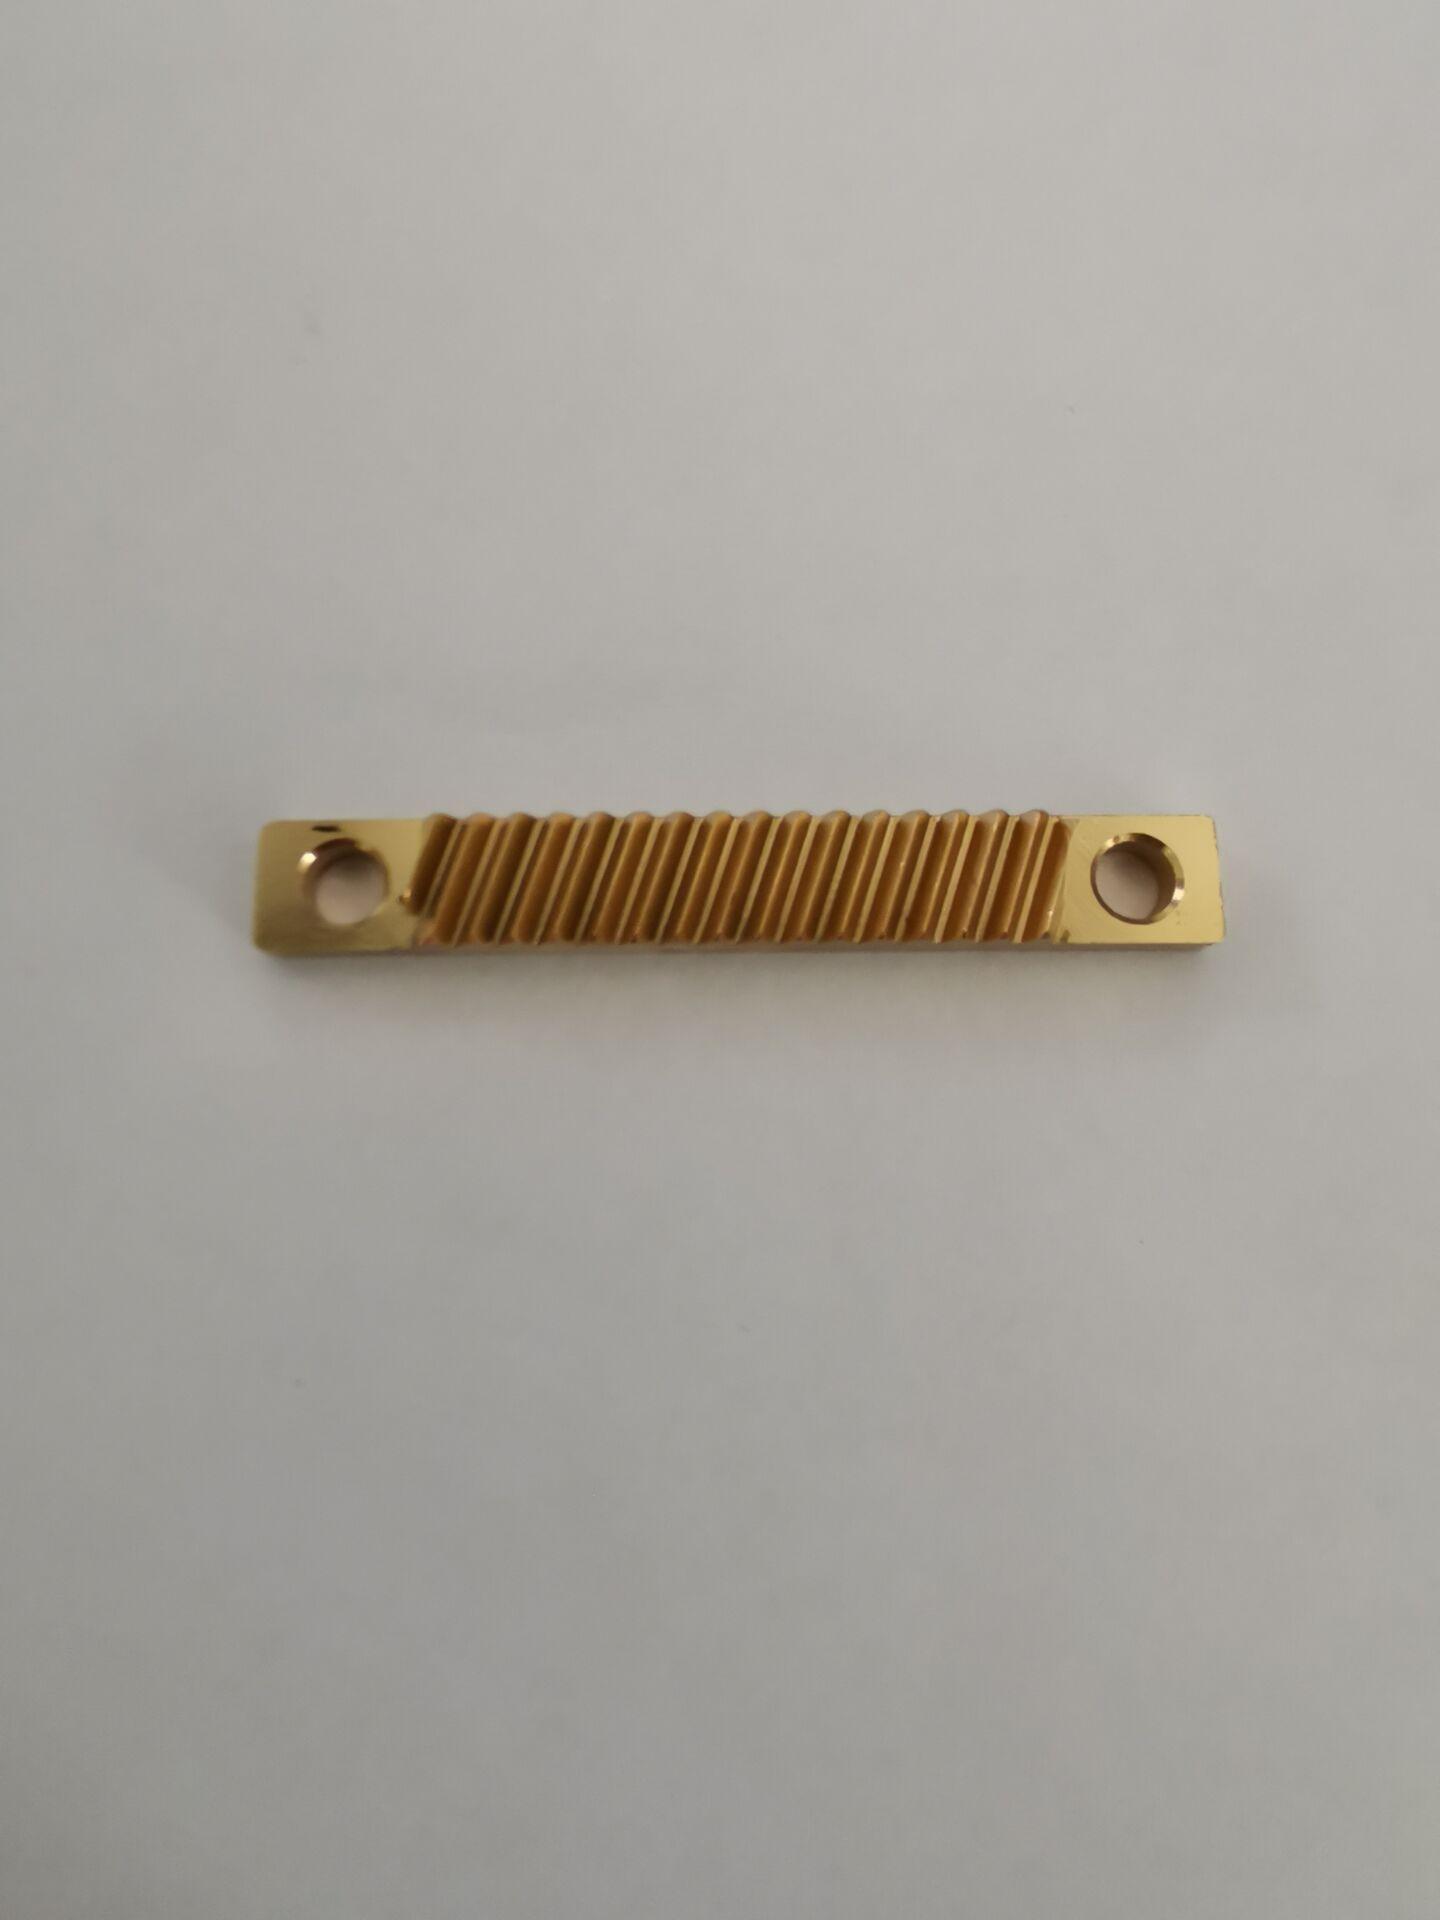 包头显微镜小模数黄铜滑台齿条生产厂家